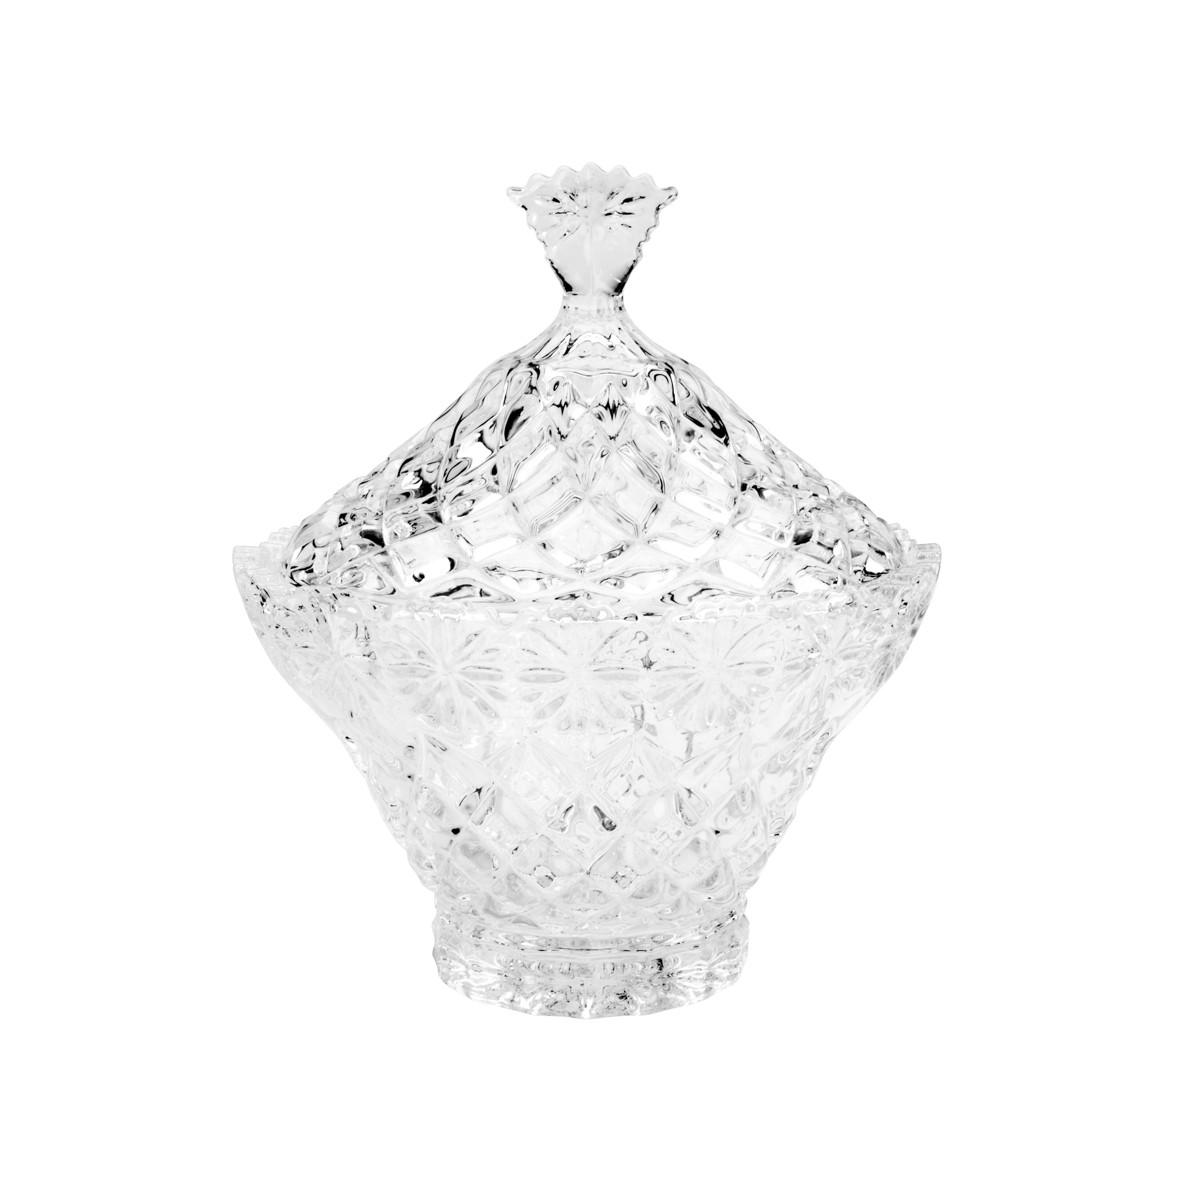 Potiche Bomboniere Decorativo de Cristal de Chumbo Diamond Star 7x13,5x19,5cm